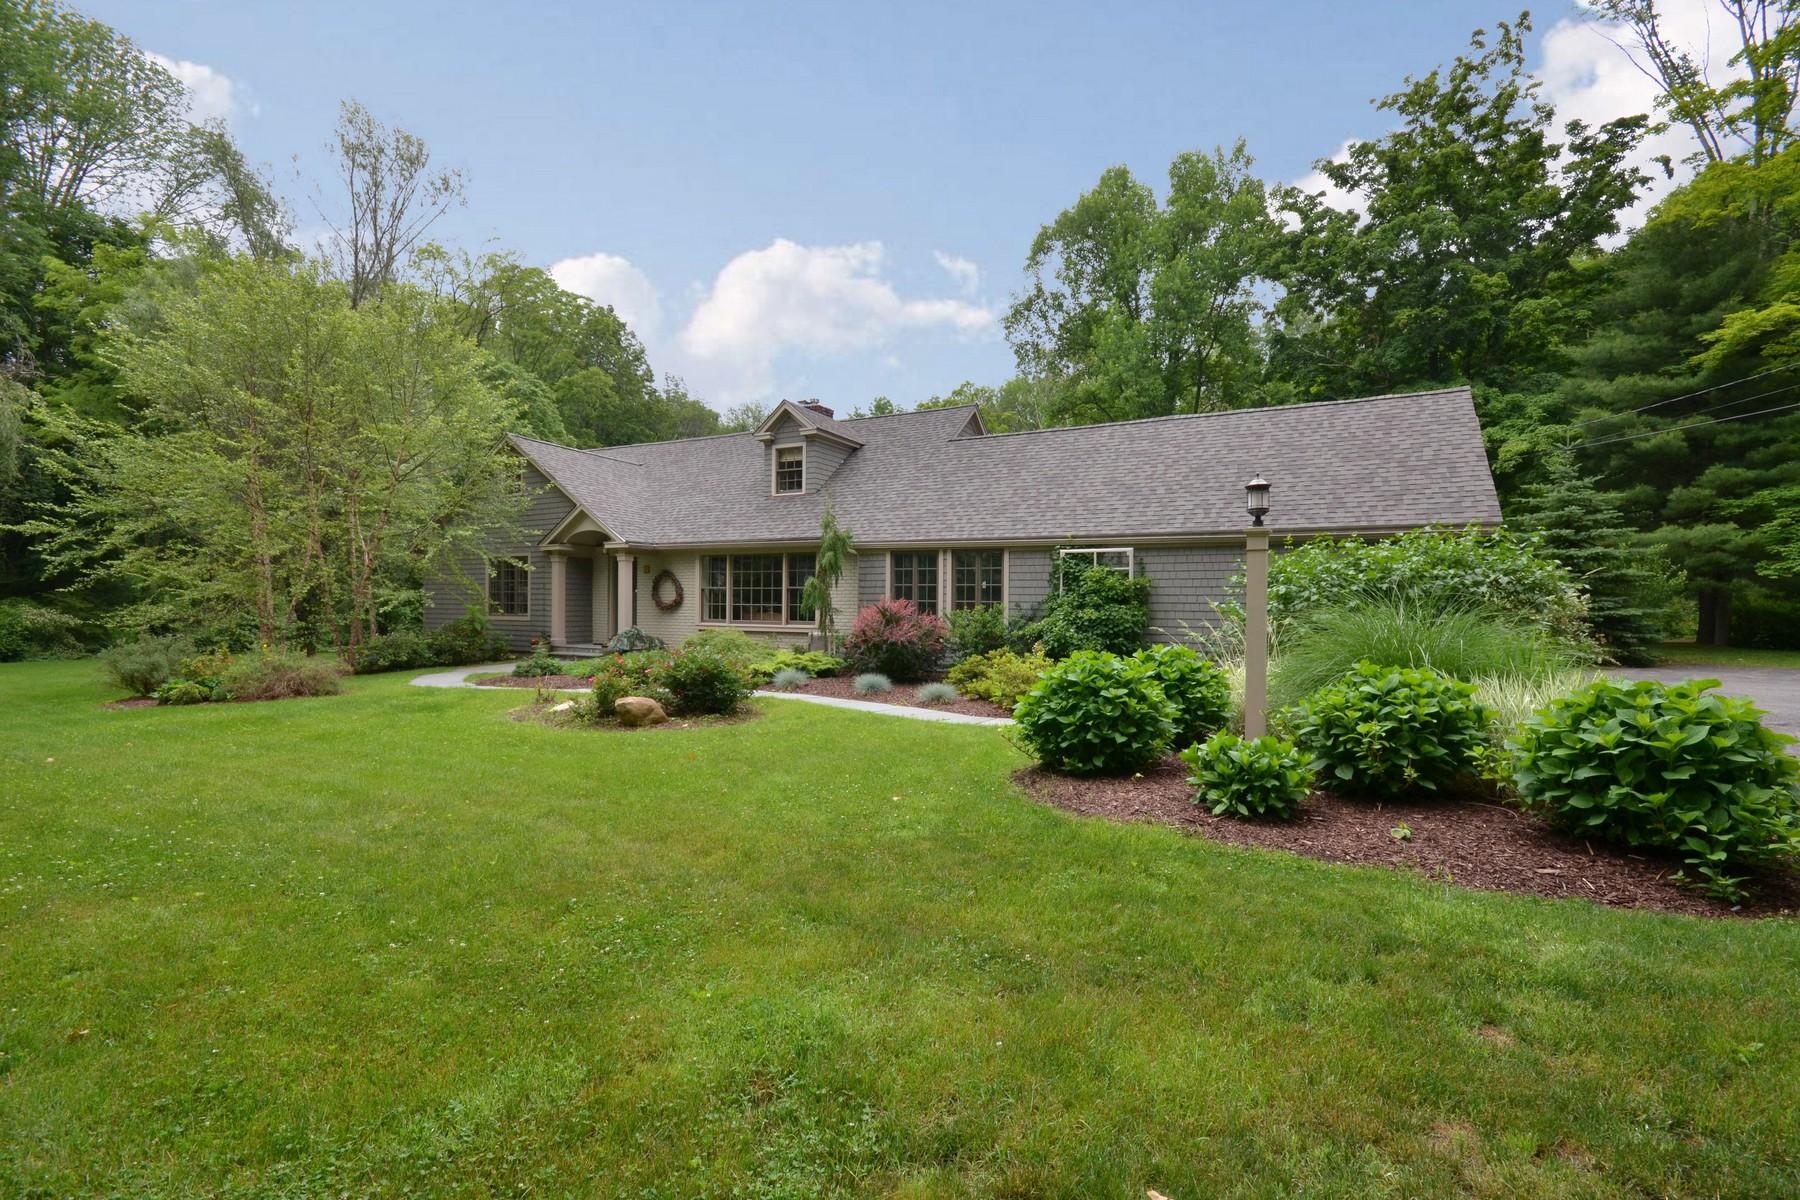 獨棟家庭住宅 為 出售 在 10 Diamond Hill Road Redding, 康涅狄格州 06896 美國